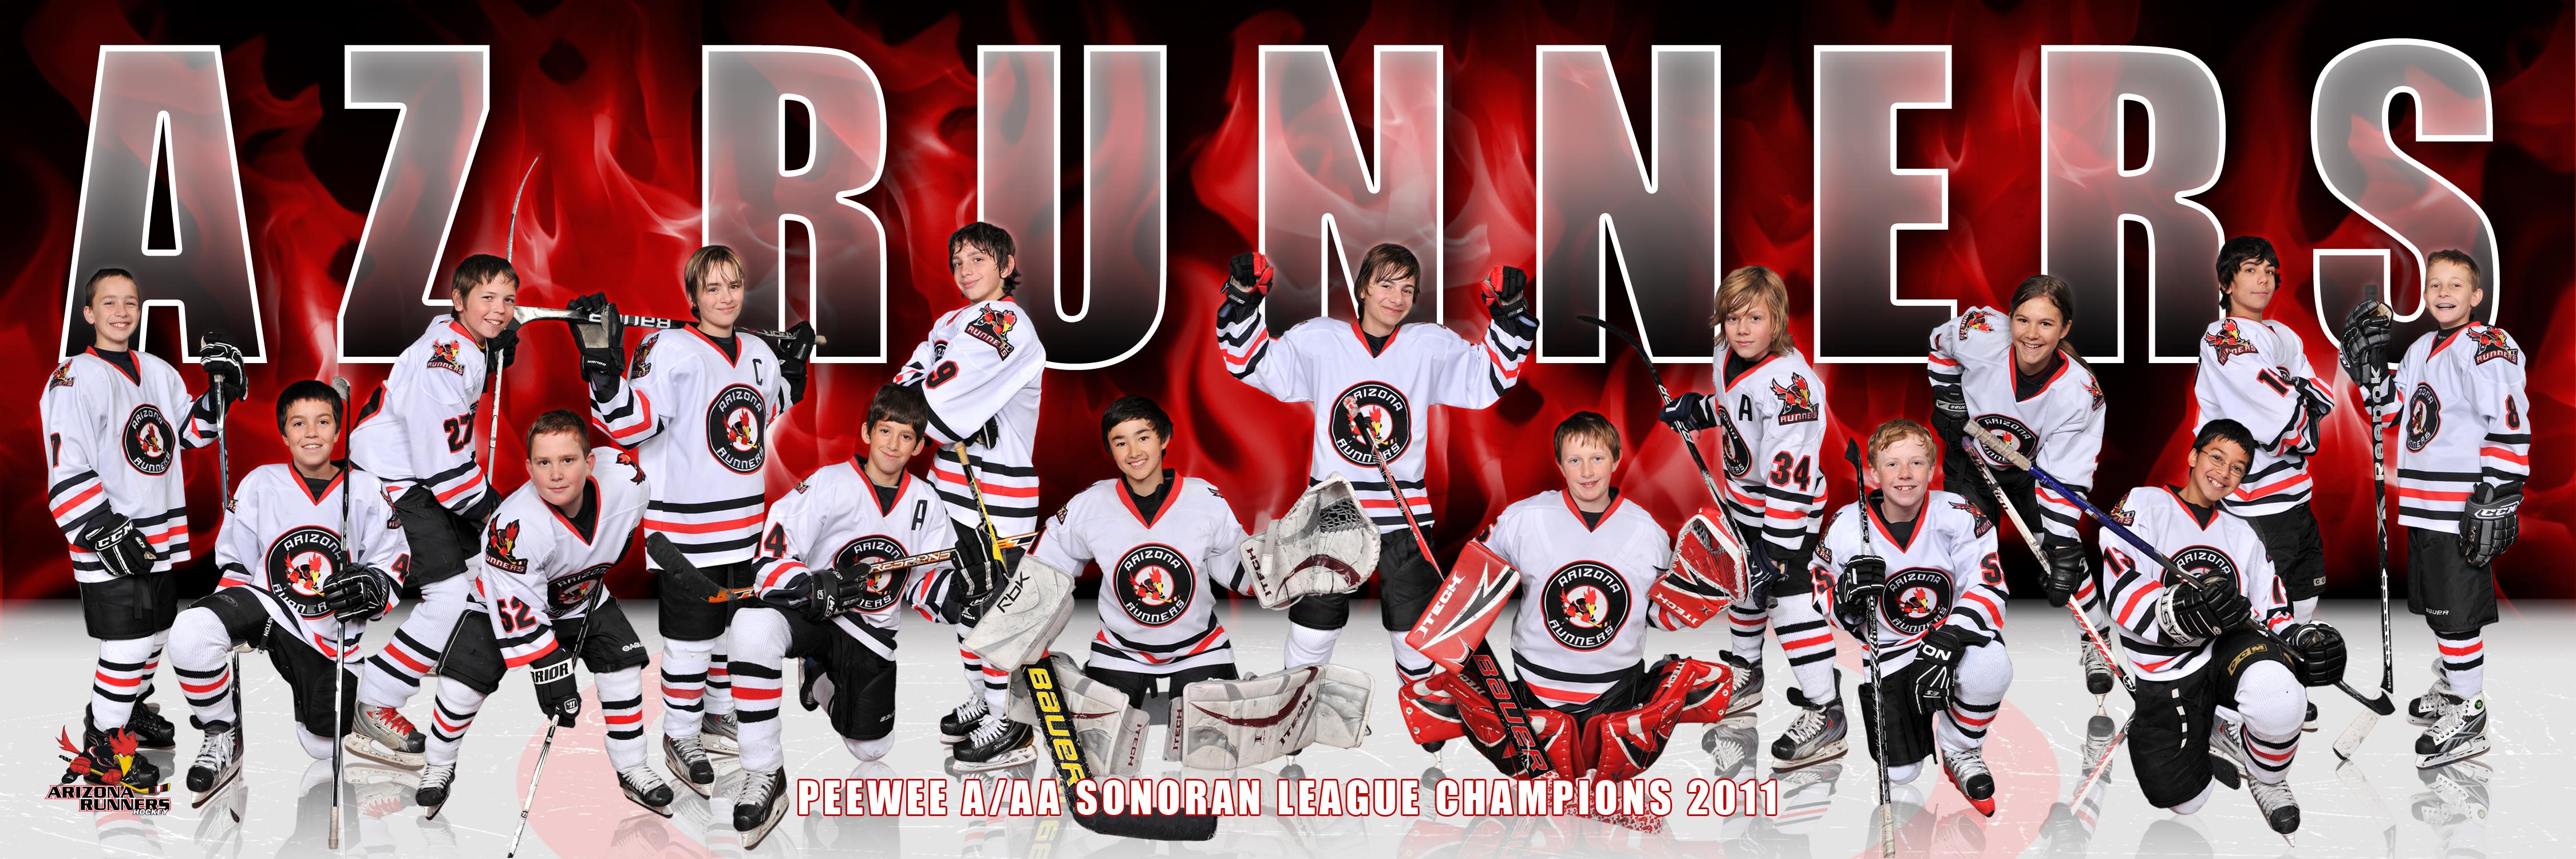 Arizona Runners Hockey Team Picture